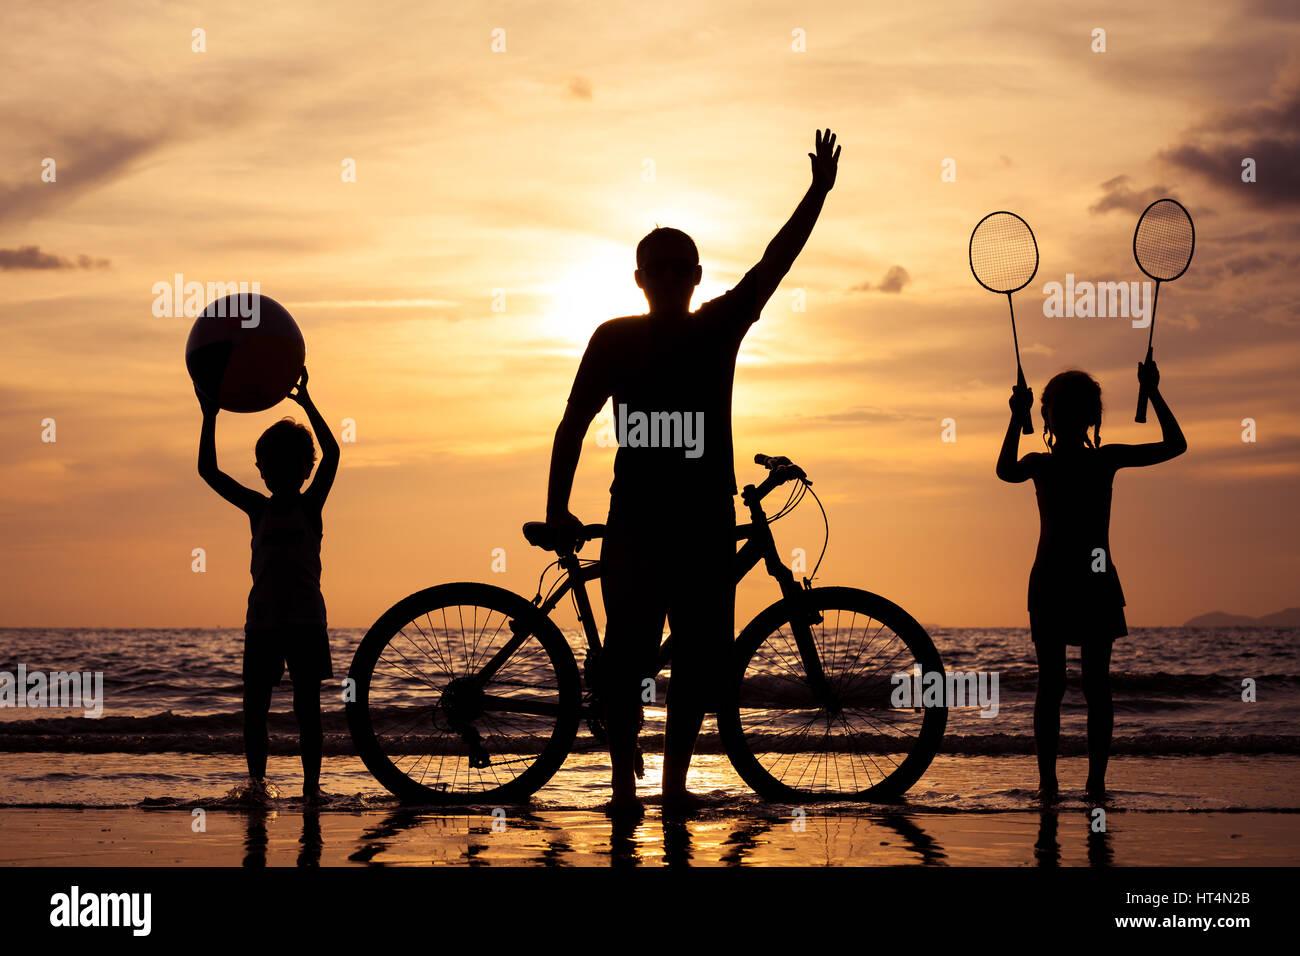 Padre e hijos jugando en la playa durante el día. Concepto de ambiente familiar. Imagen De Stock